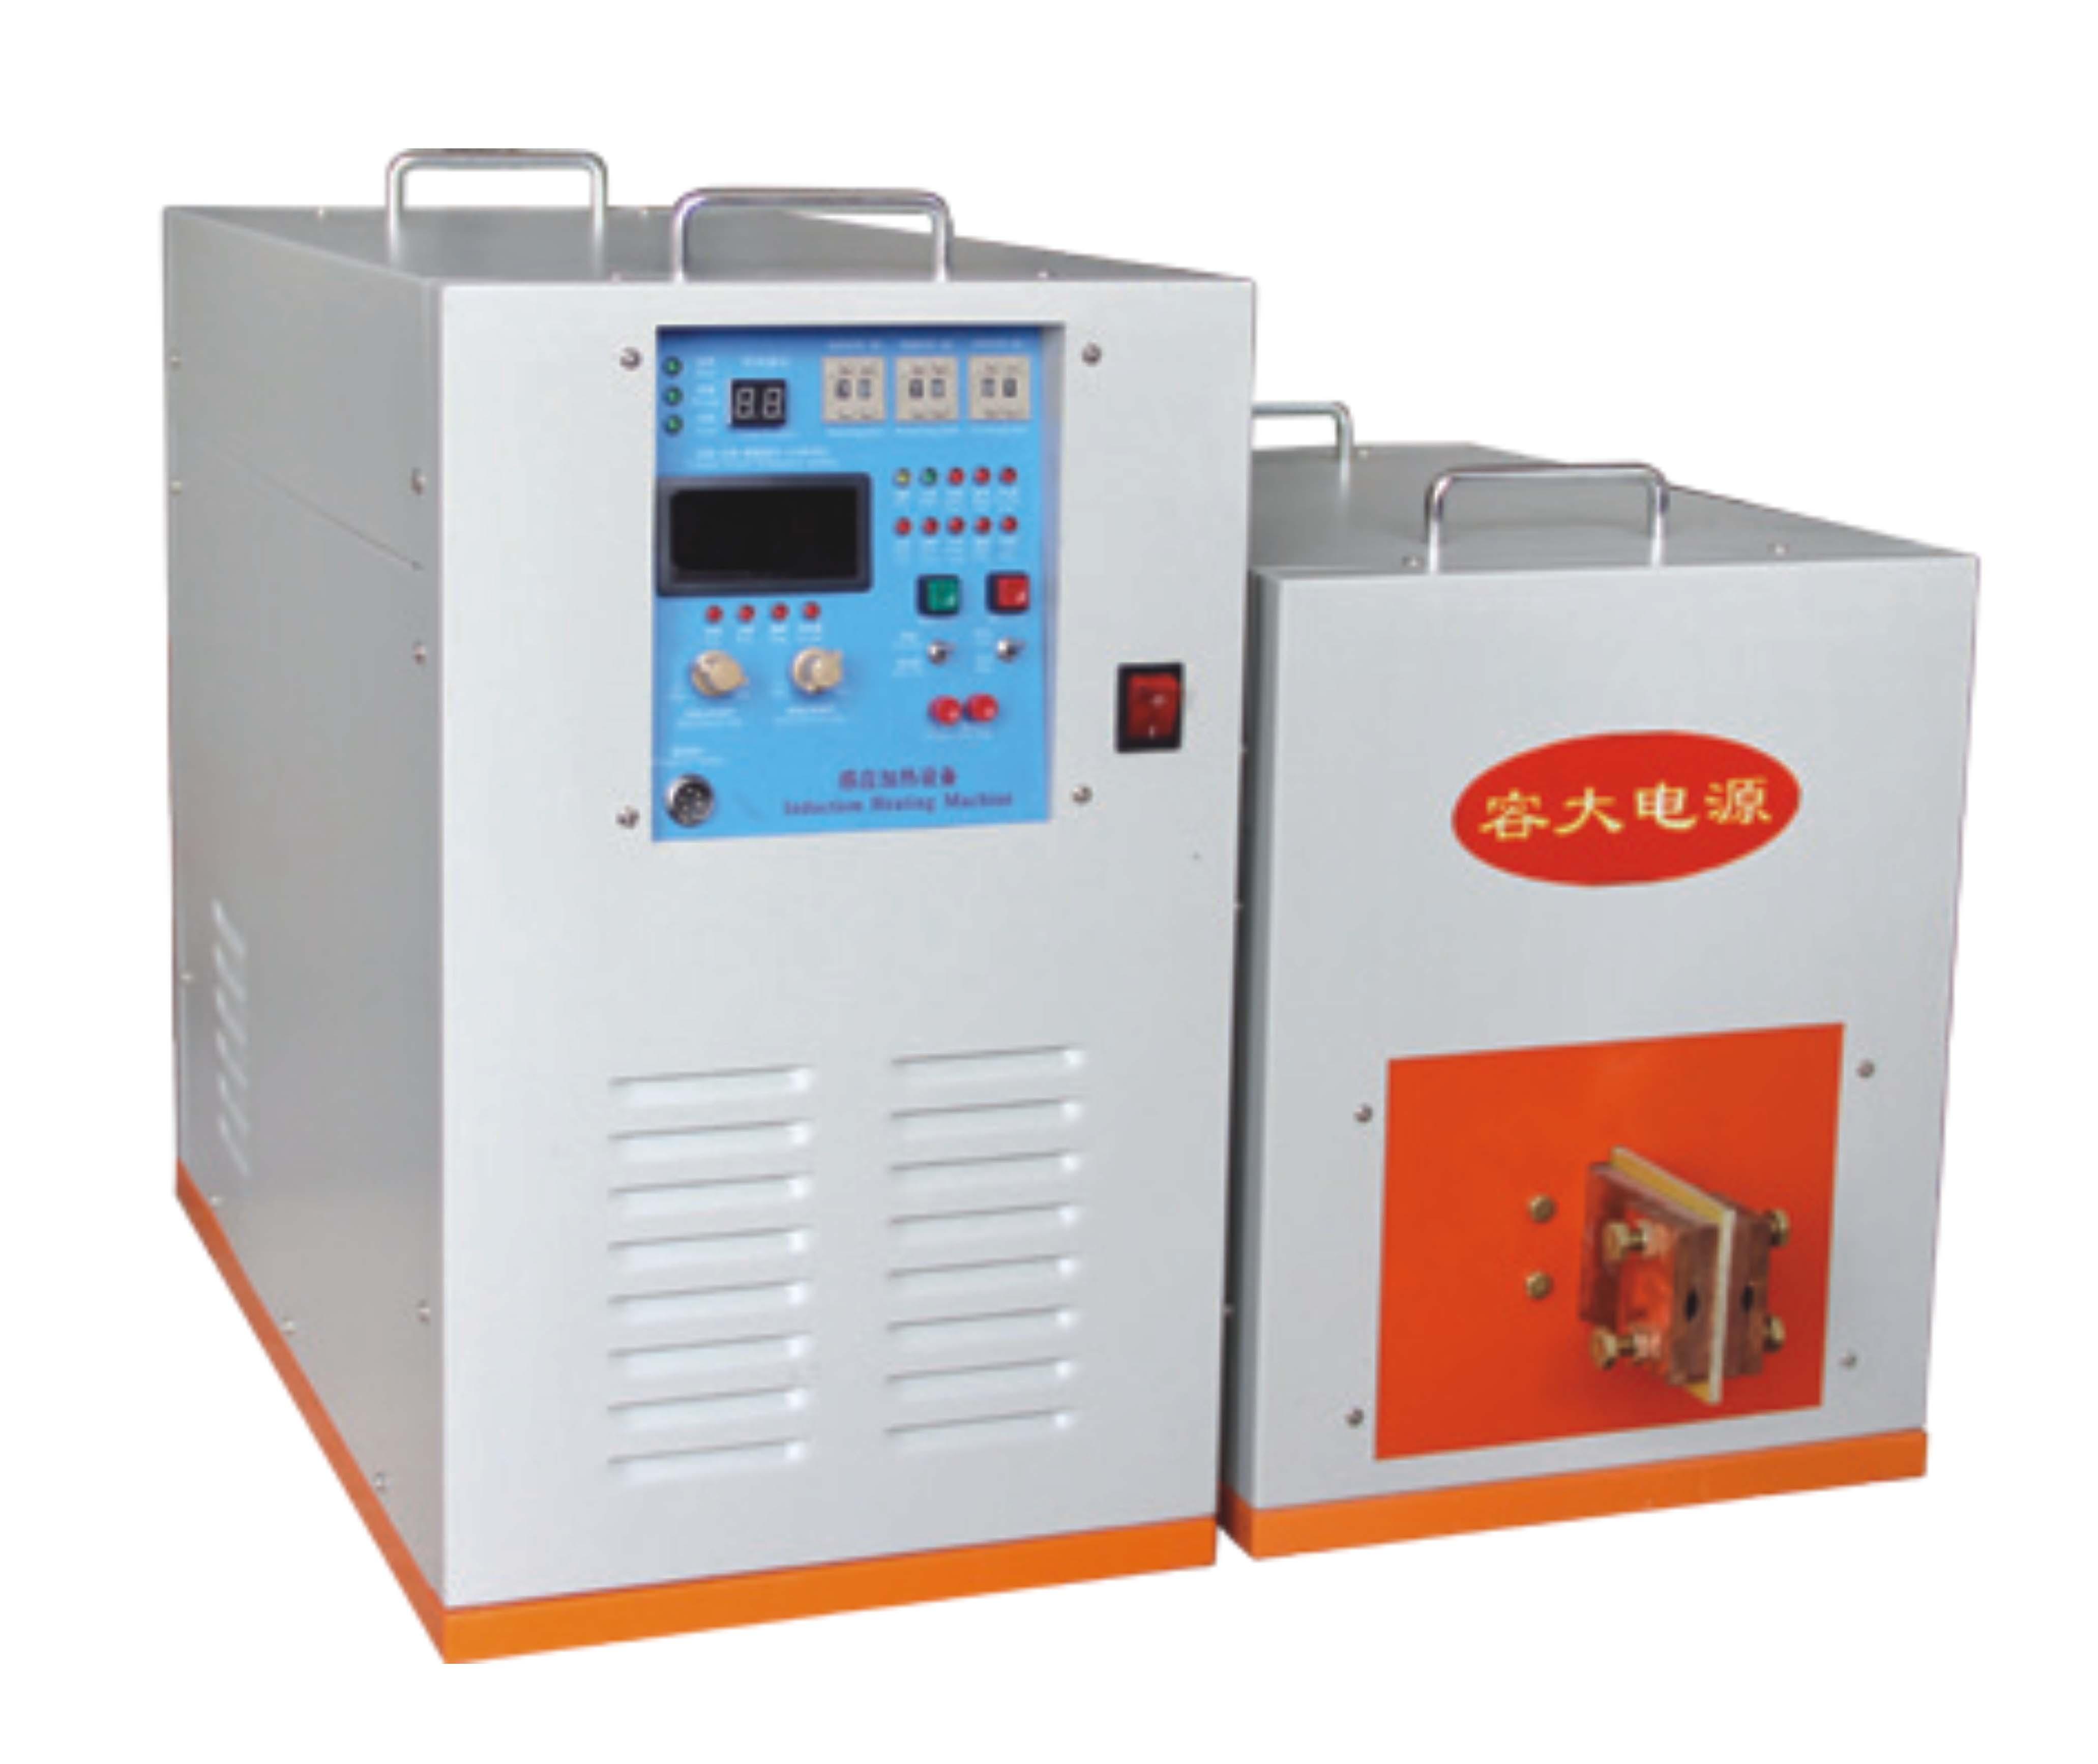 中频感应加热电源的10个优势